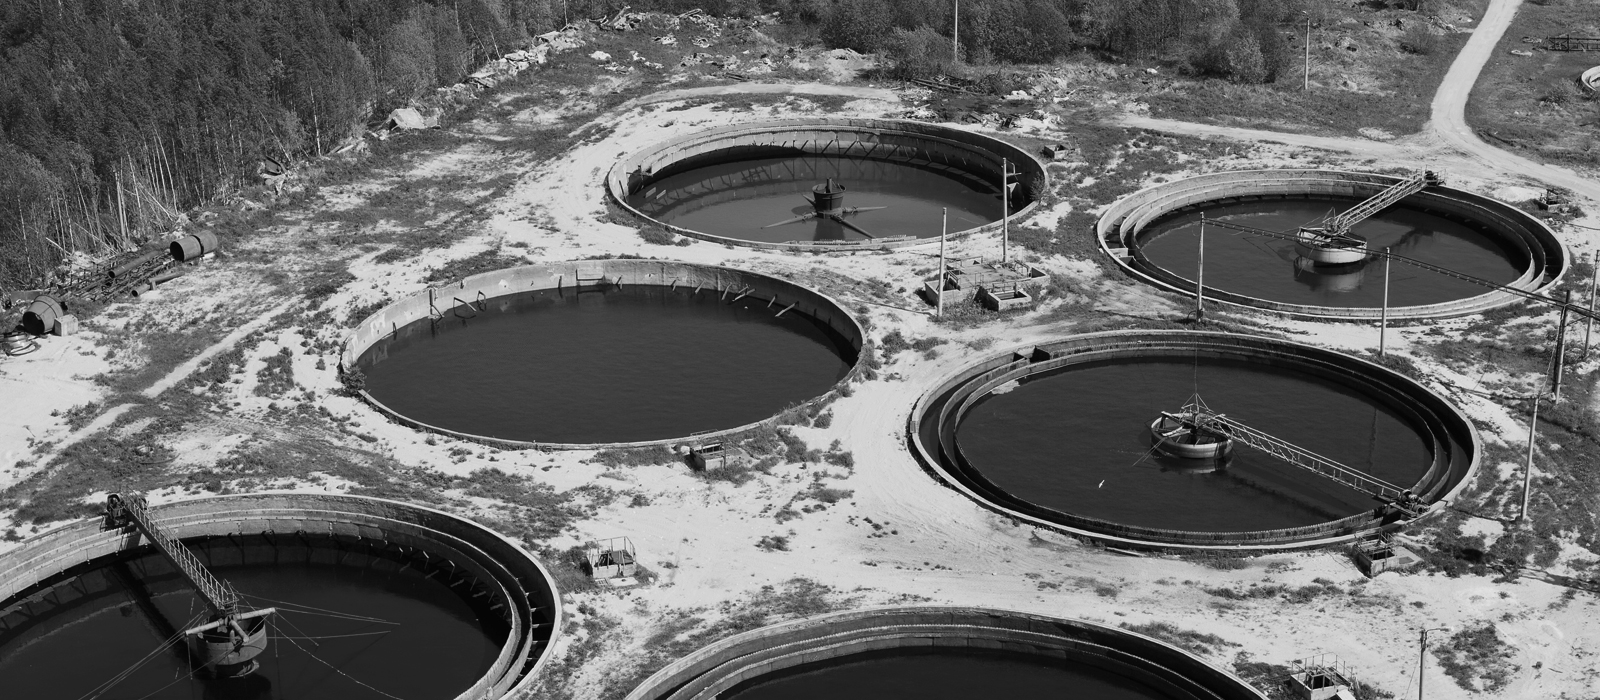 Wastewater Plant Hydrodemolition